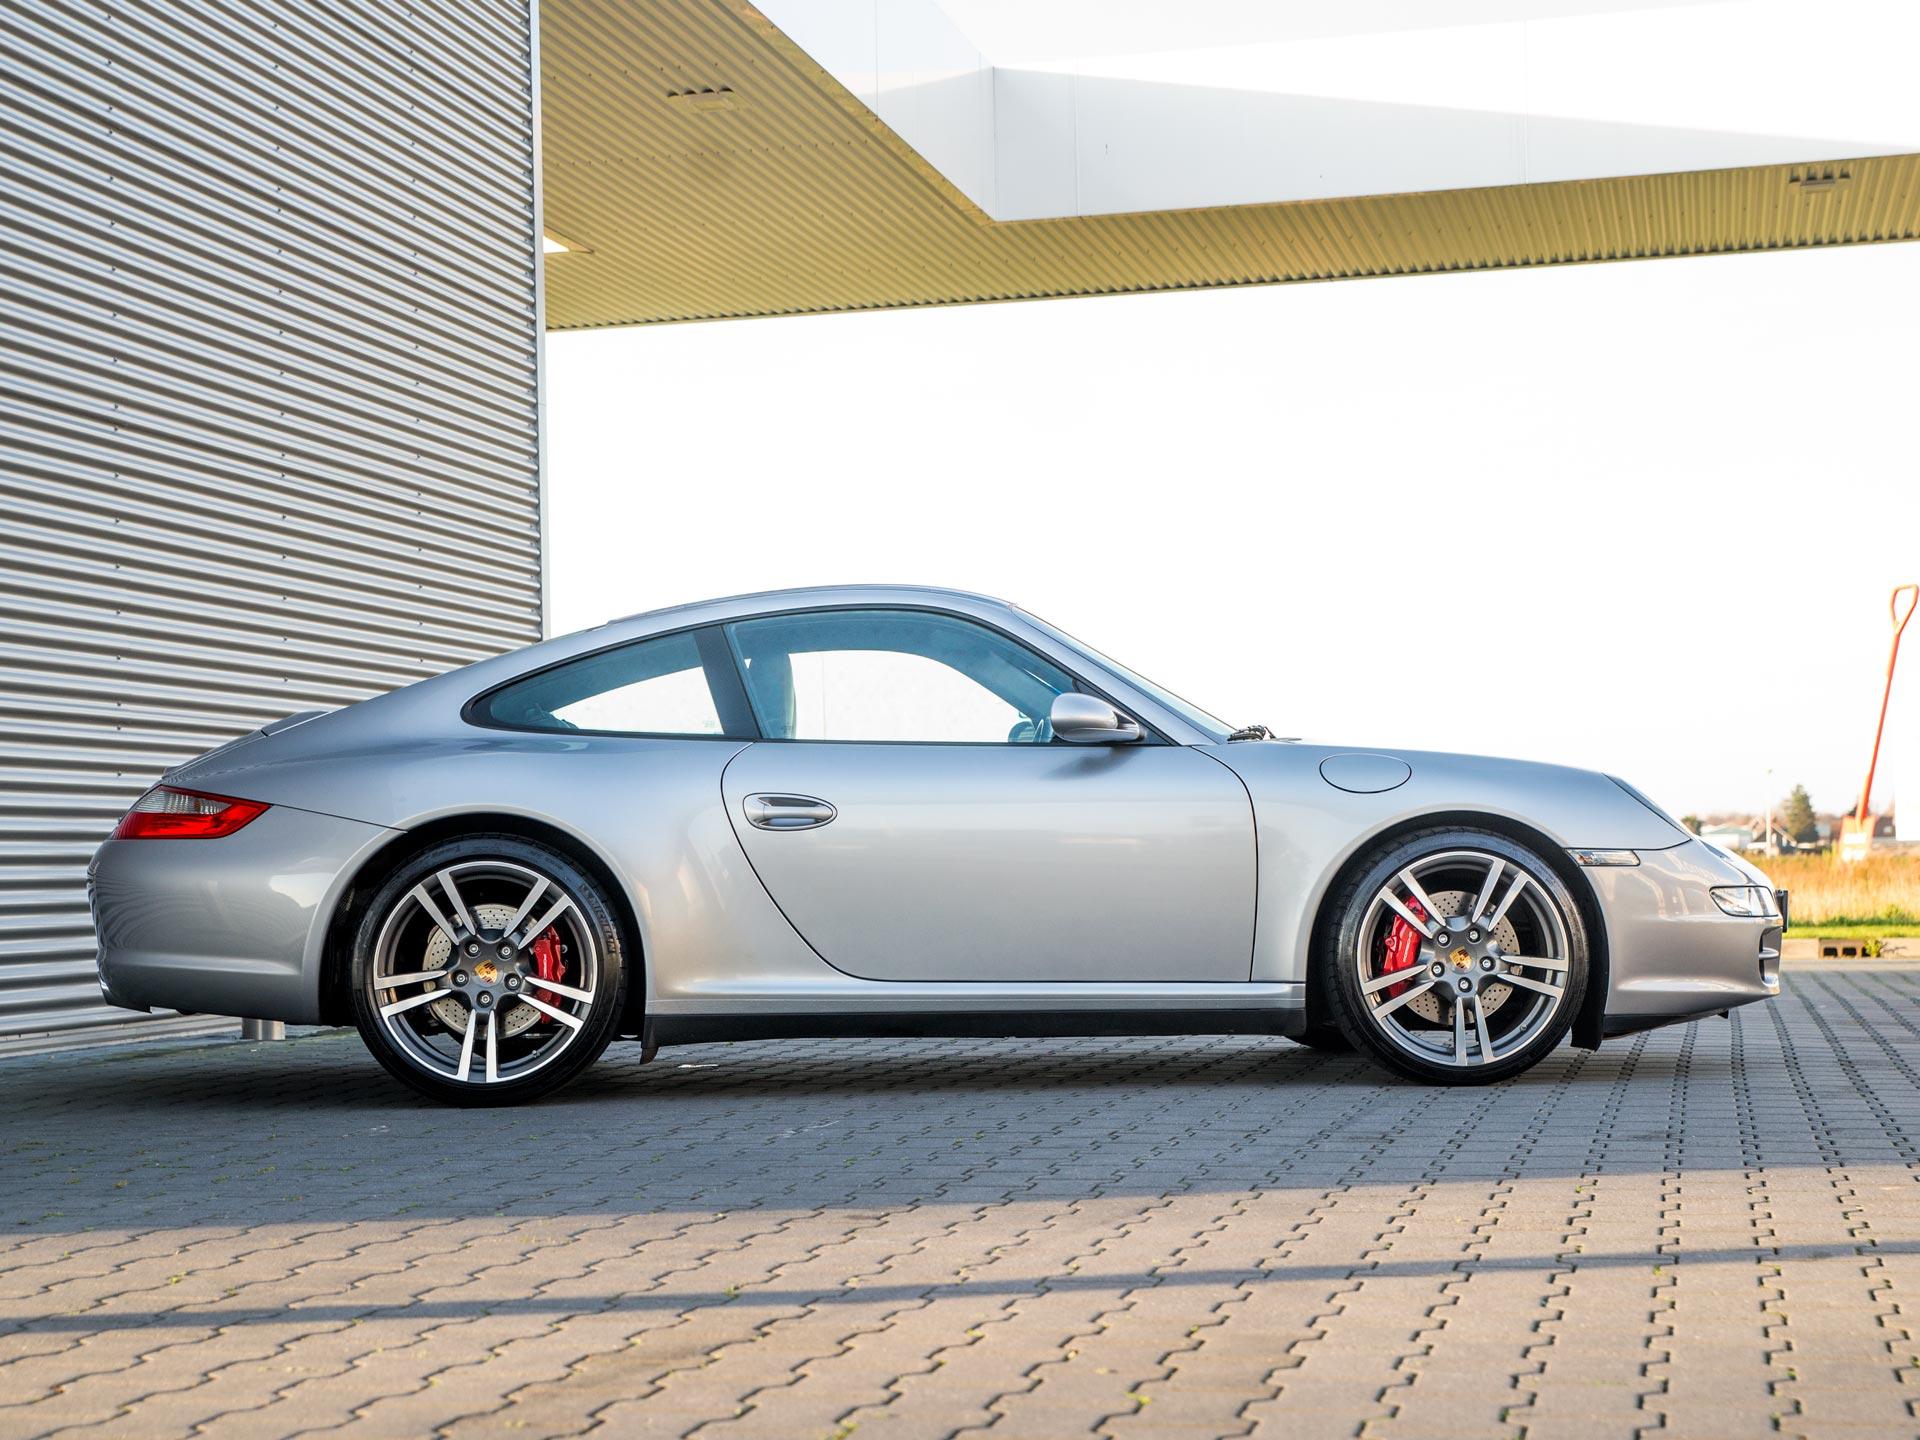 Tweedehands Porsche 911 Carrera 4S occasion